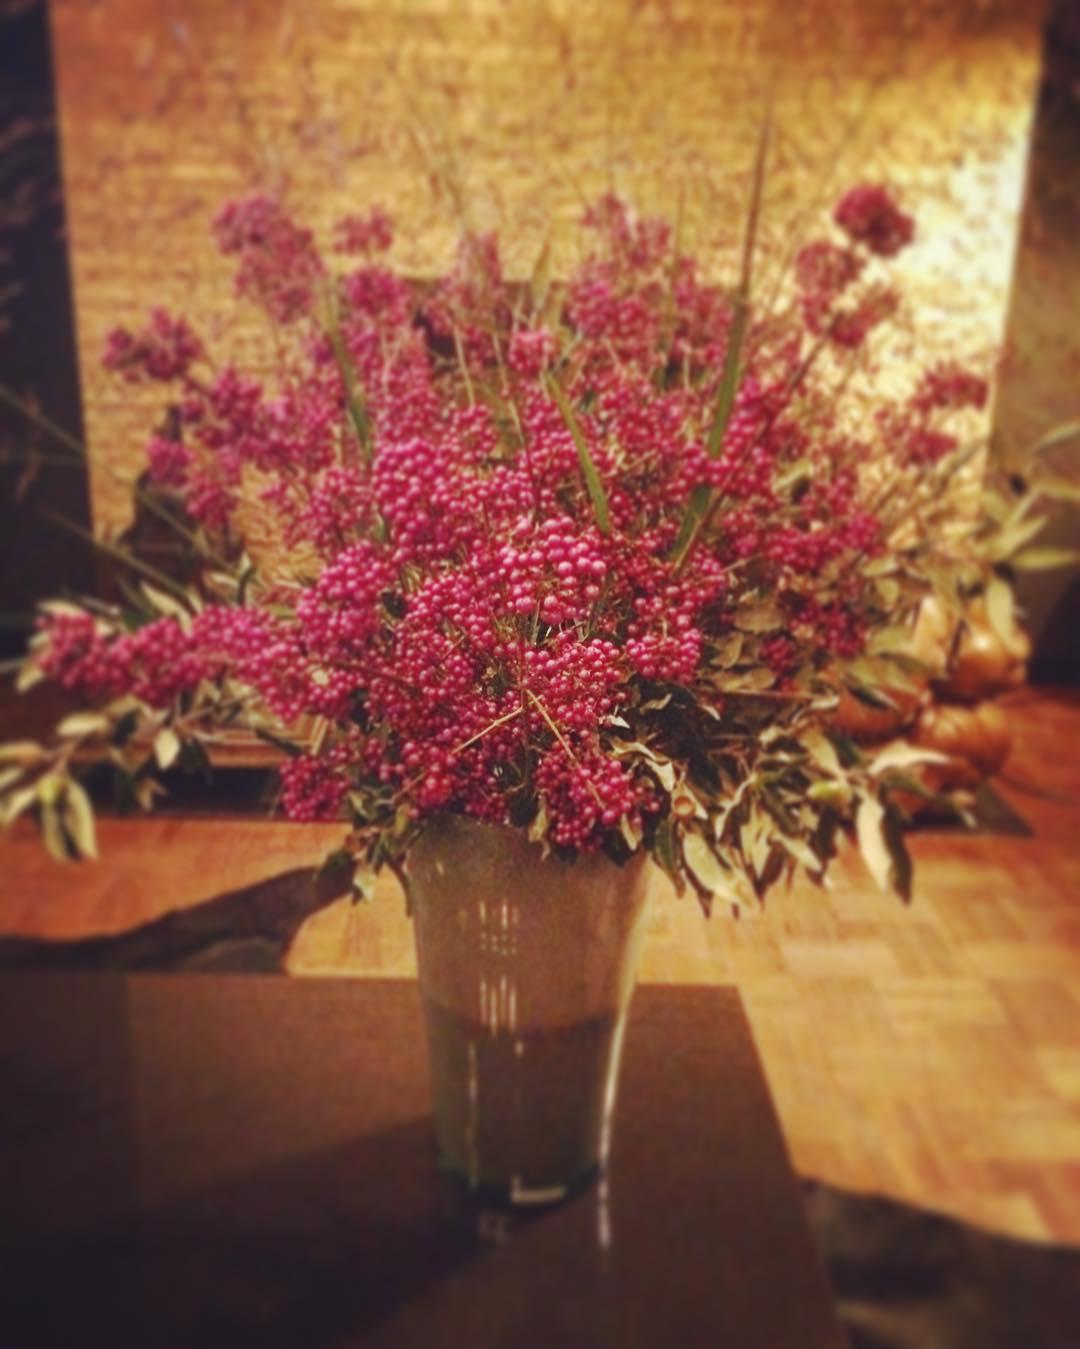 calicarpa berries purple henrydean vase flowers athome autumn flowershop antwerp florartesantwerp